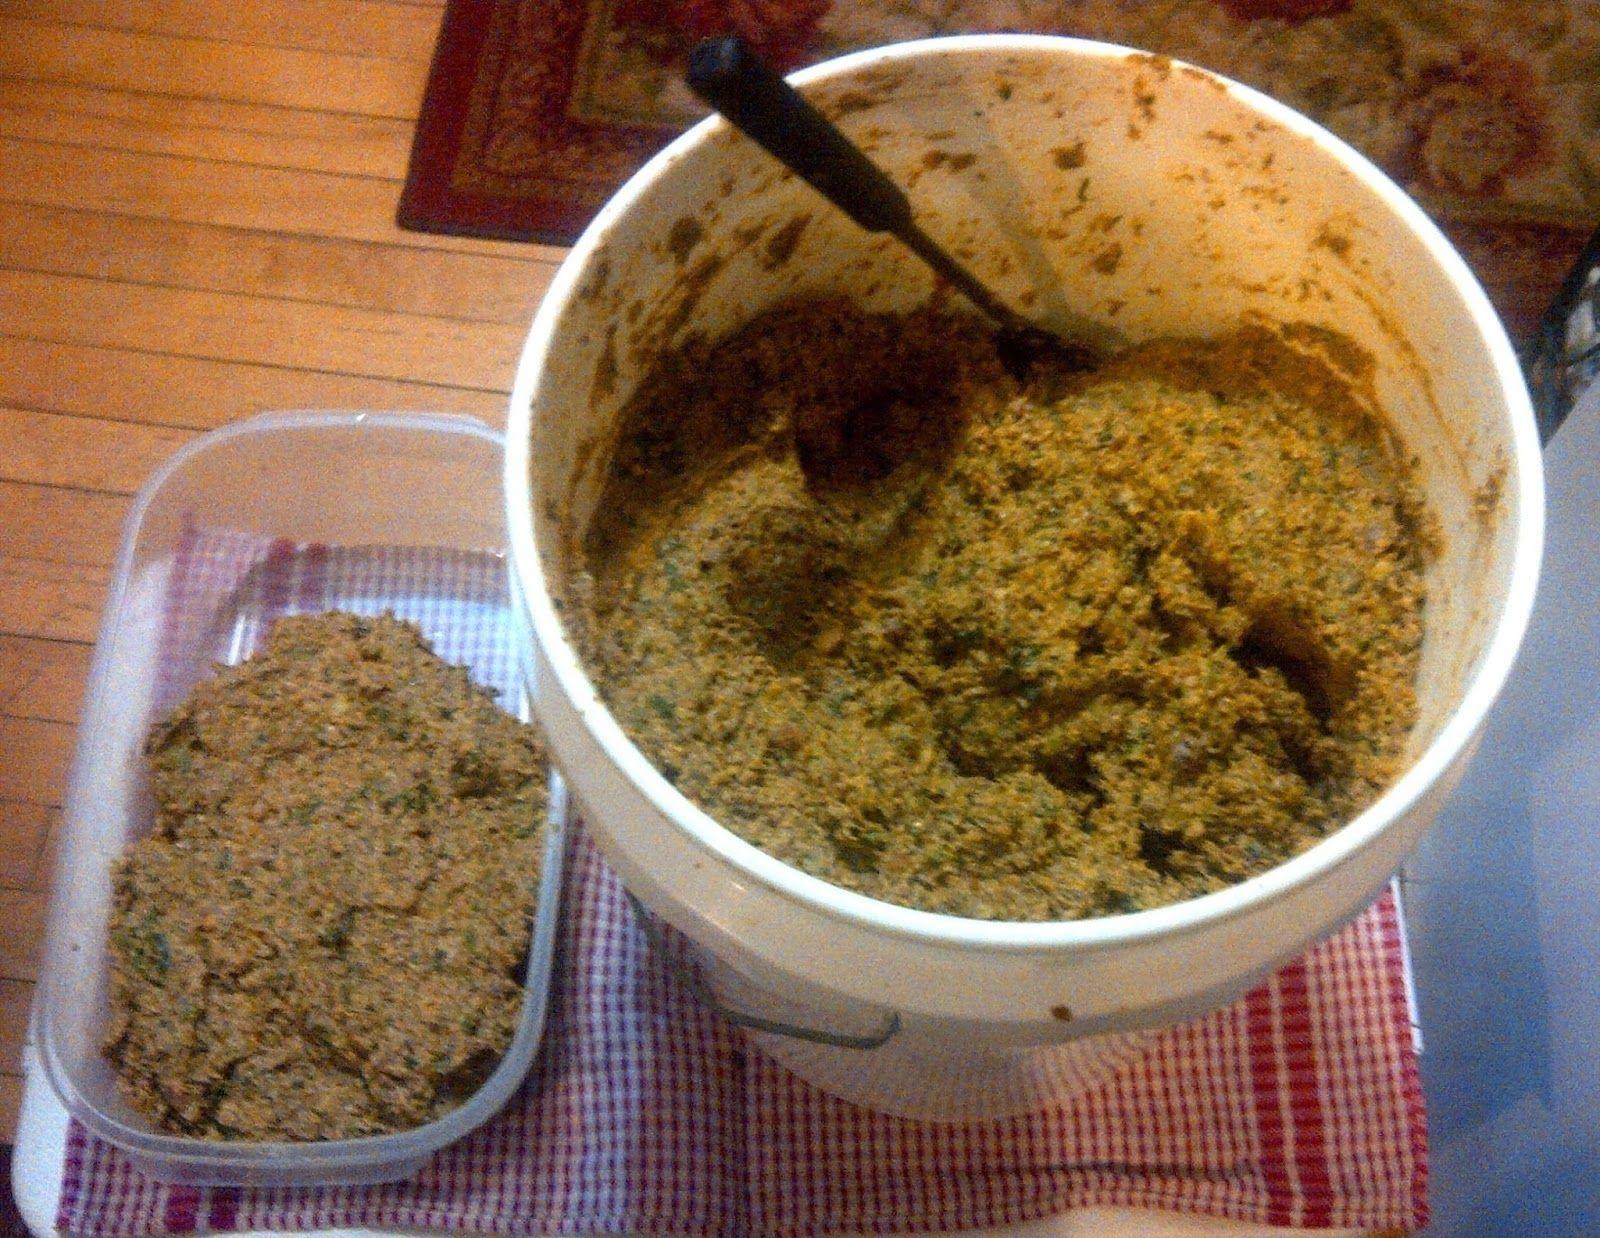 Home made diy dog cat food recipes grain free for the health home made diy dog cat food recipes grain free for the forumfinder Gallery